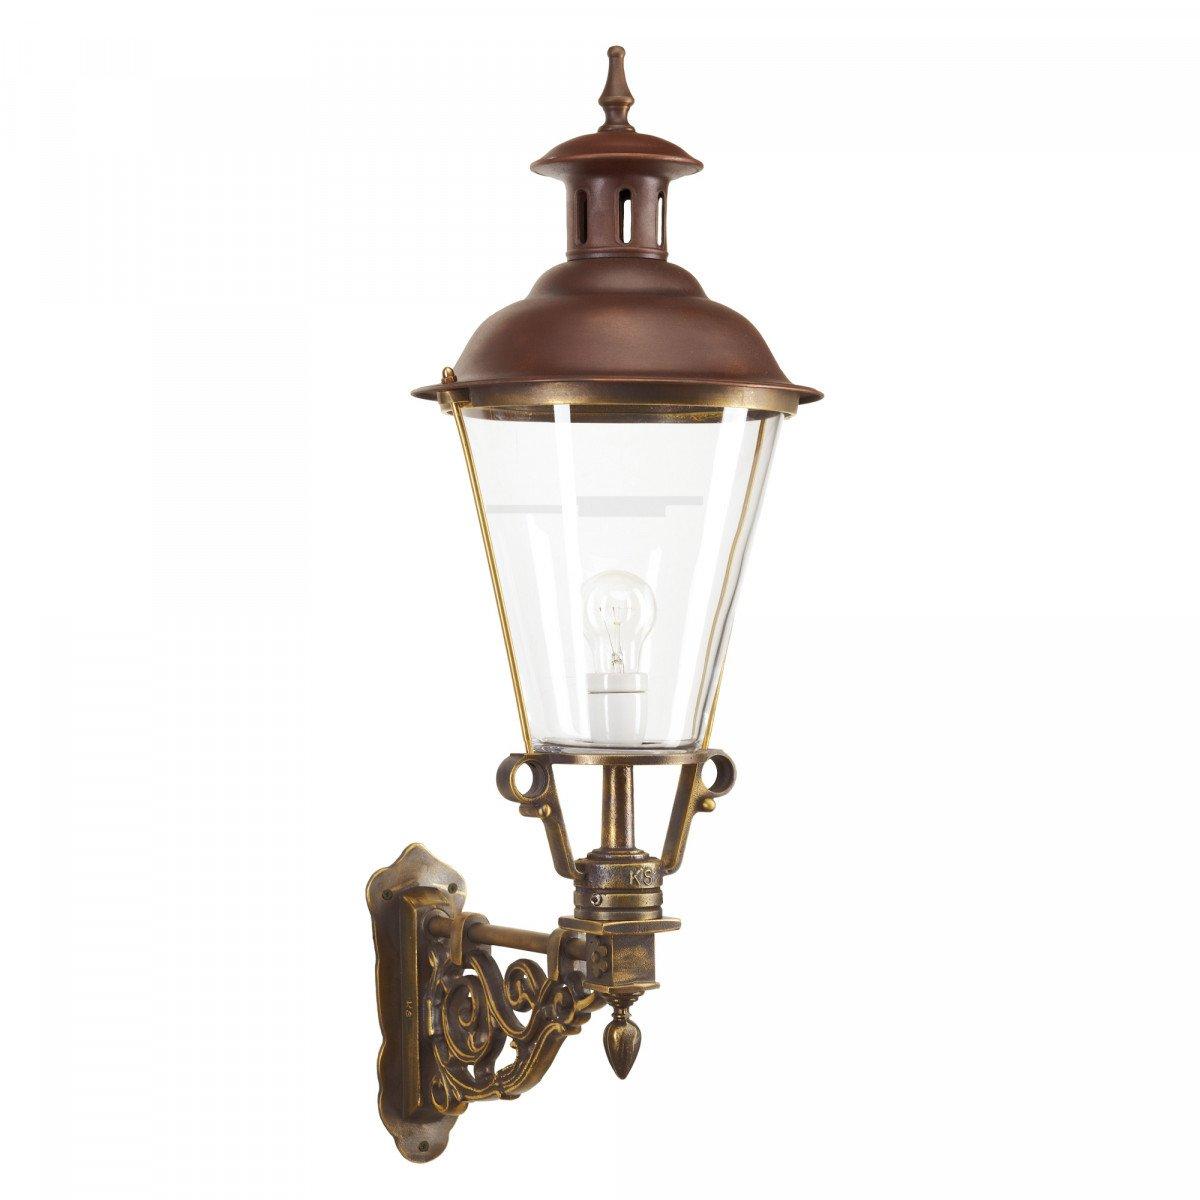 Kwaliteits verlichting Buitenlamp Ziekrikzee